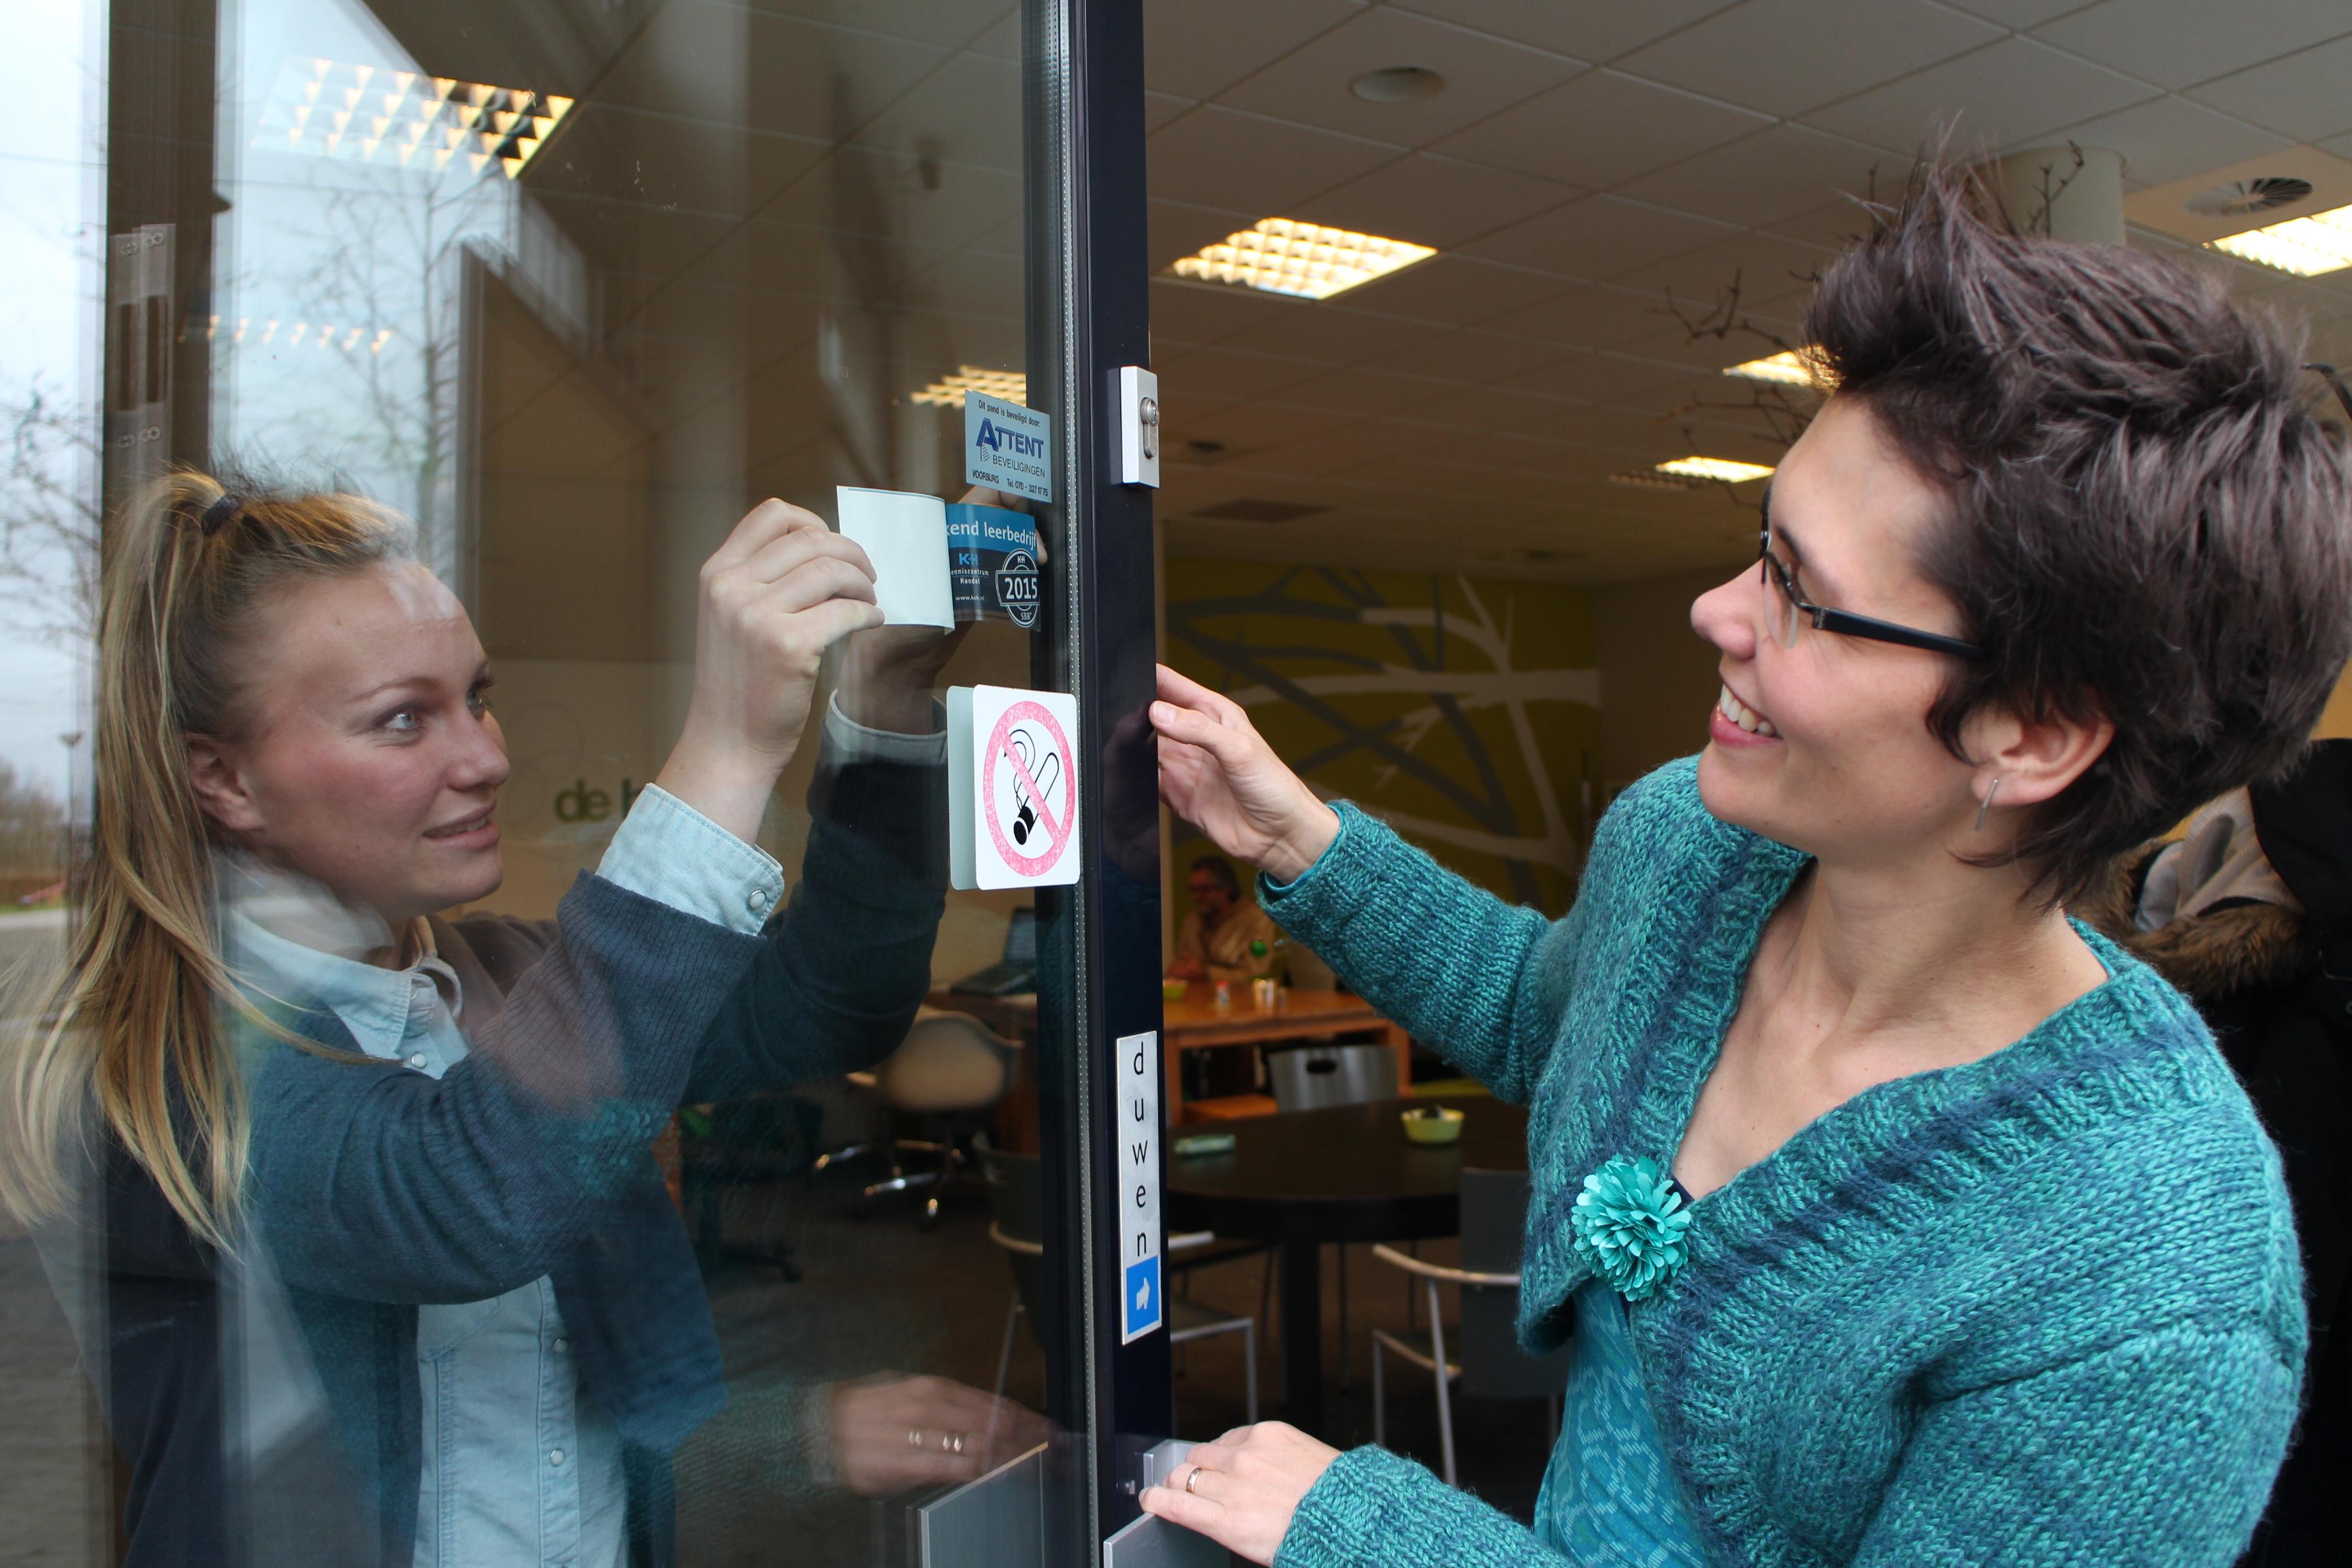 Stagiaire Julia Samsom plakt onder toeziend oog van interieurarchitect en eigenaar Daphne van der Knijff-Looman van VDKL interieurarchitectuur de erkenningssticker op de deur van het bedrijfspand.